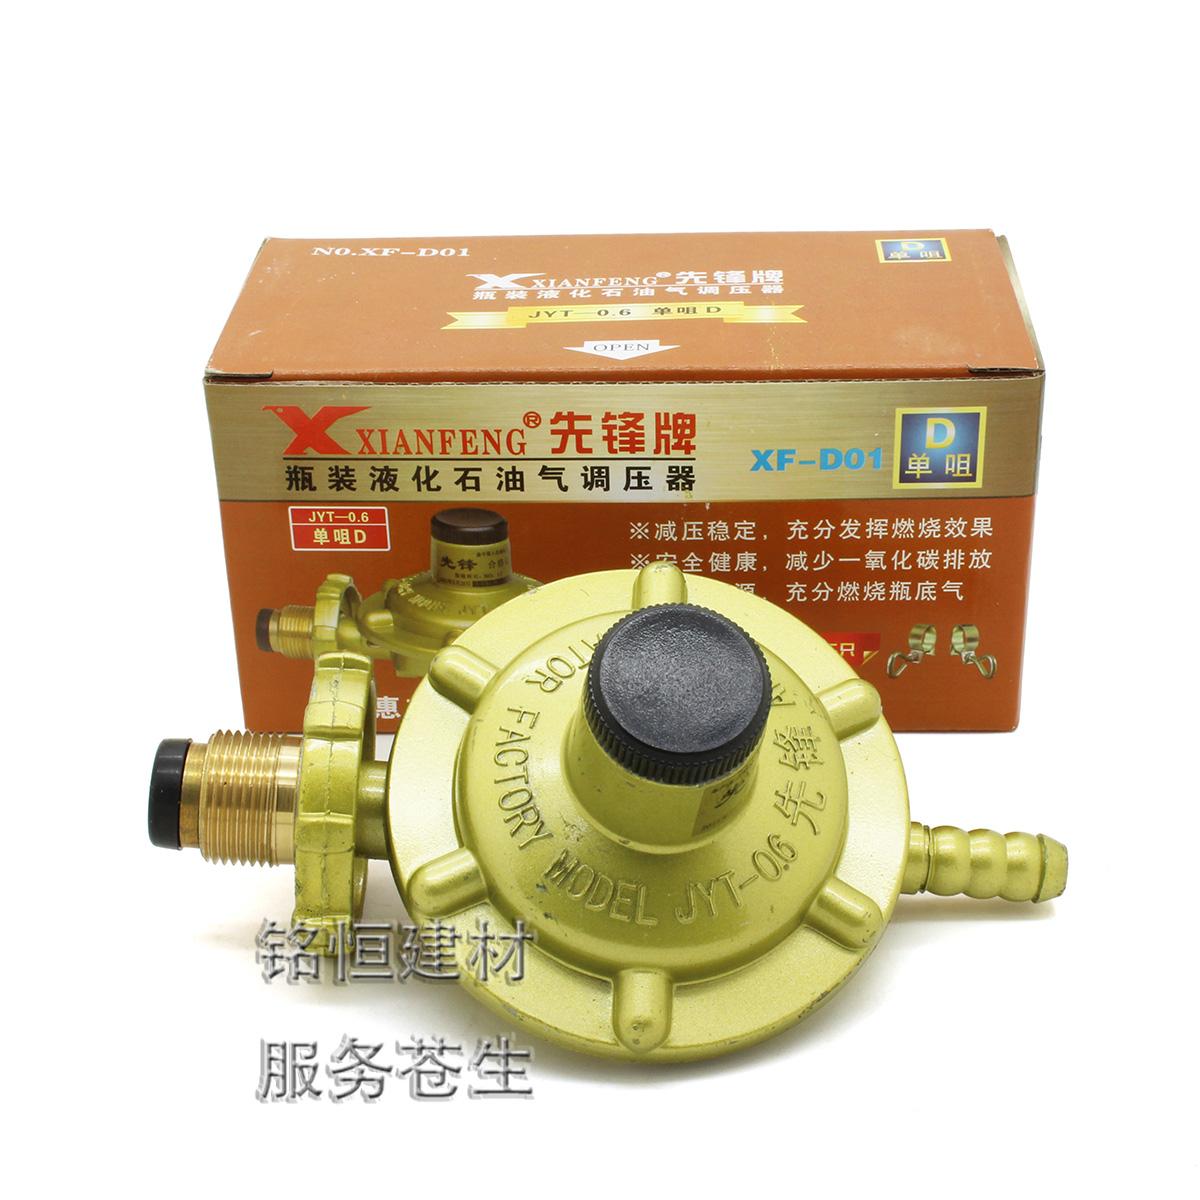 先锋牌防爆液化气减压阀/煤气瓶调压阀煤气罐阀门压力带表图片